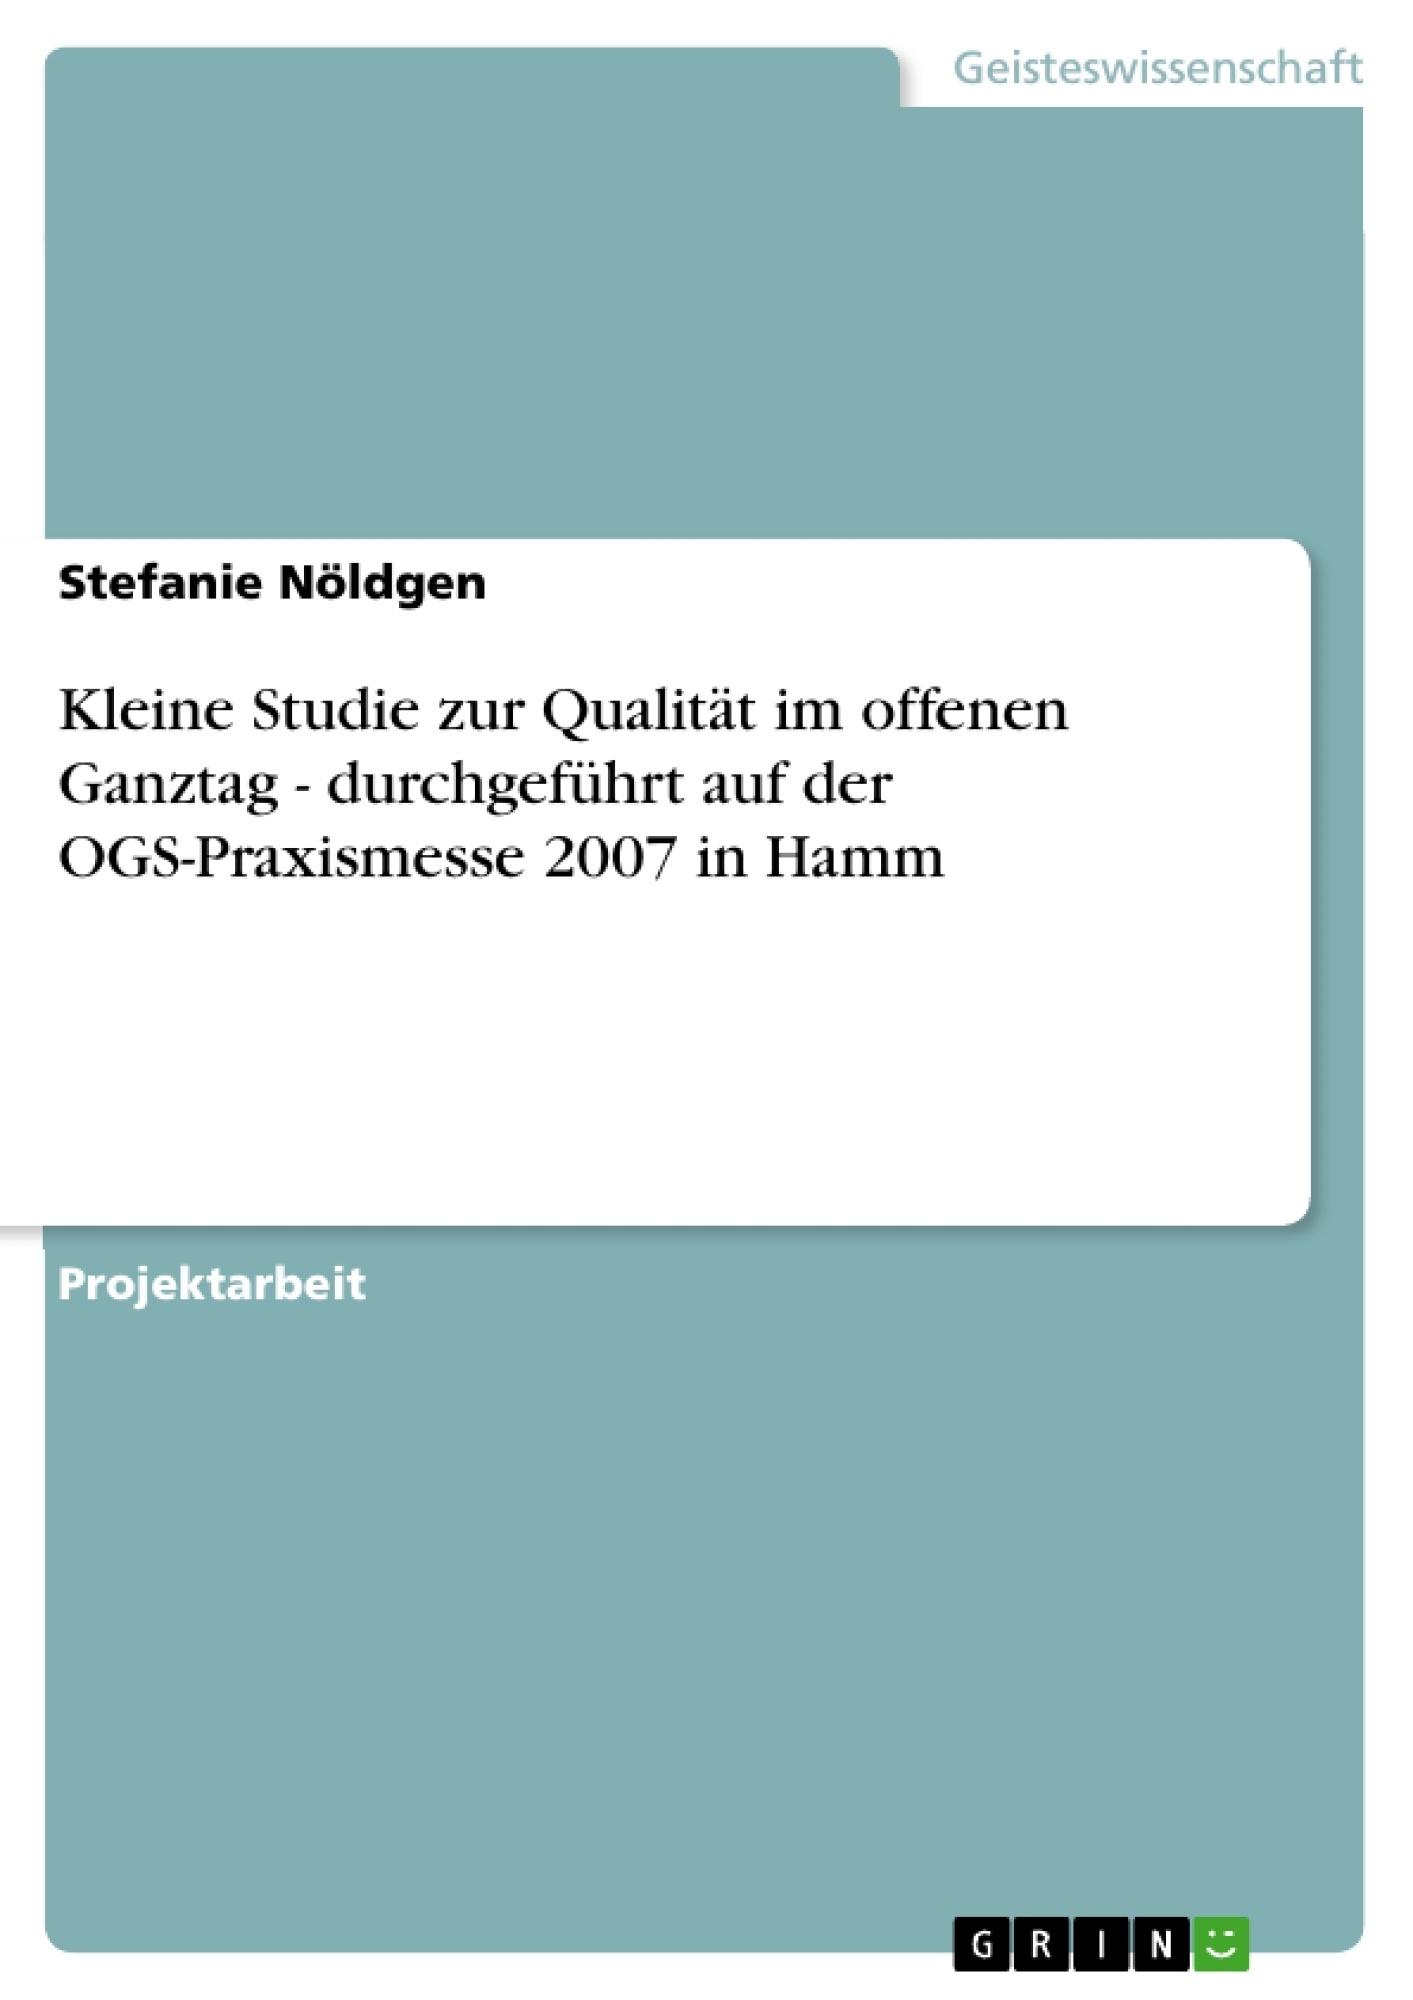 Titel: Kleine Studie zur Qualität im offenen Ganztag - durchgeführt auf der OGS-Praxismesse 2007 in Hamm